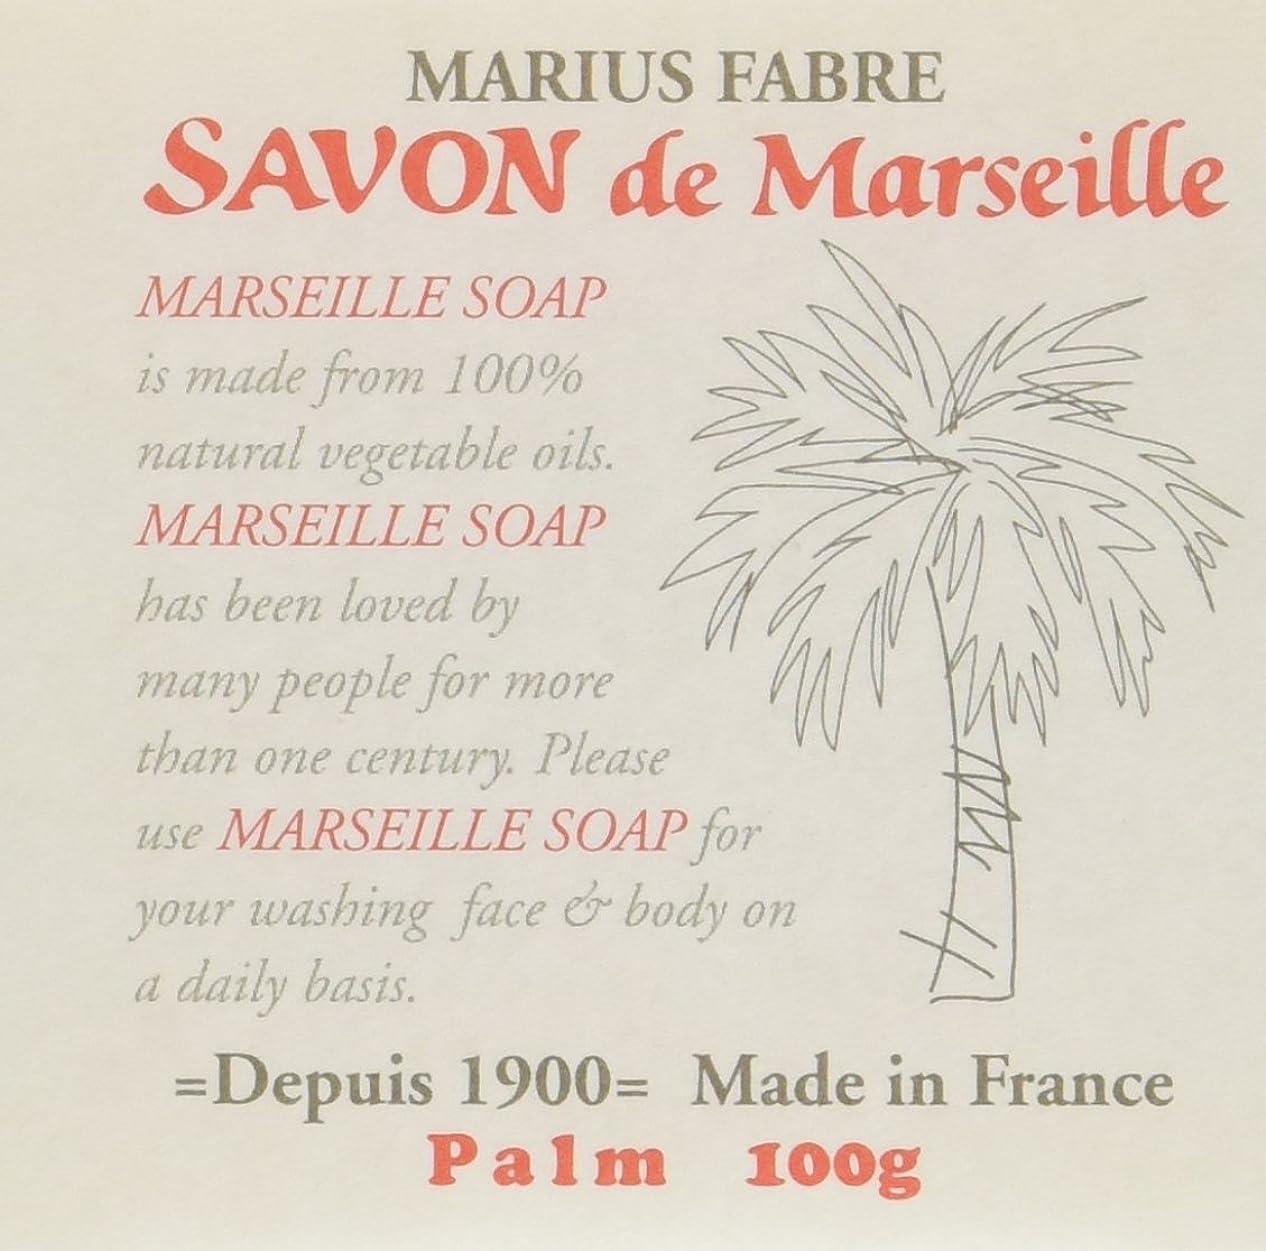 差別適度な版サボン ド マルセイユ パーム 100g